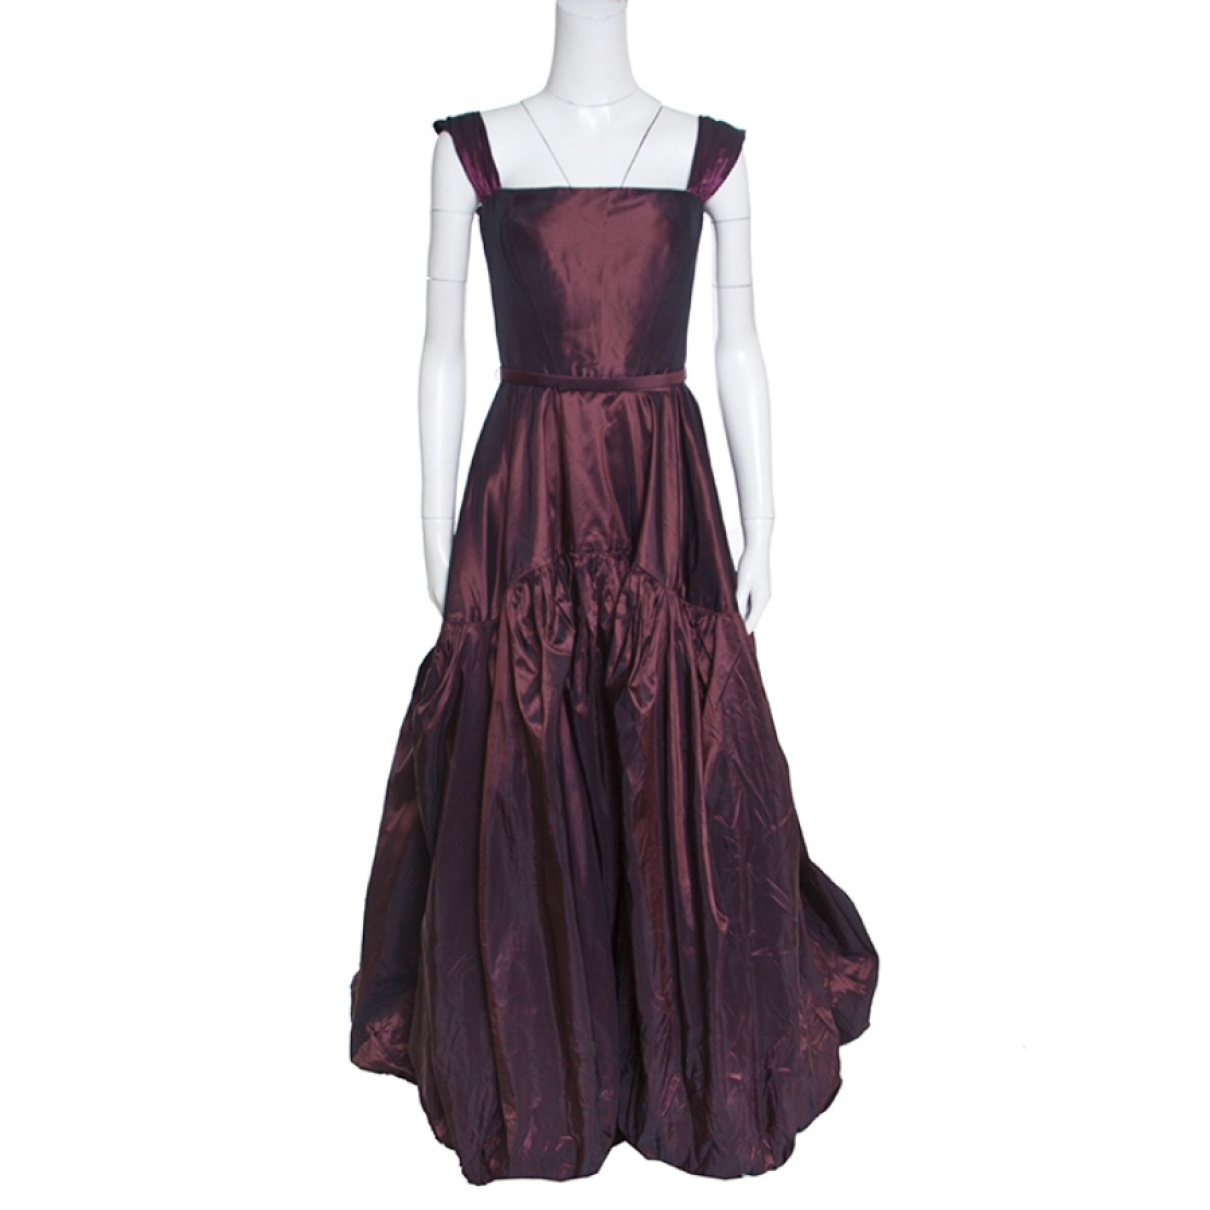 Oscar De La Renta N Burgundy Leather dress for Women 2 US